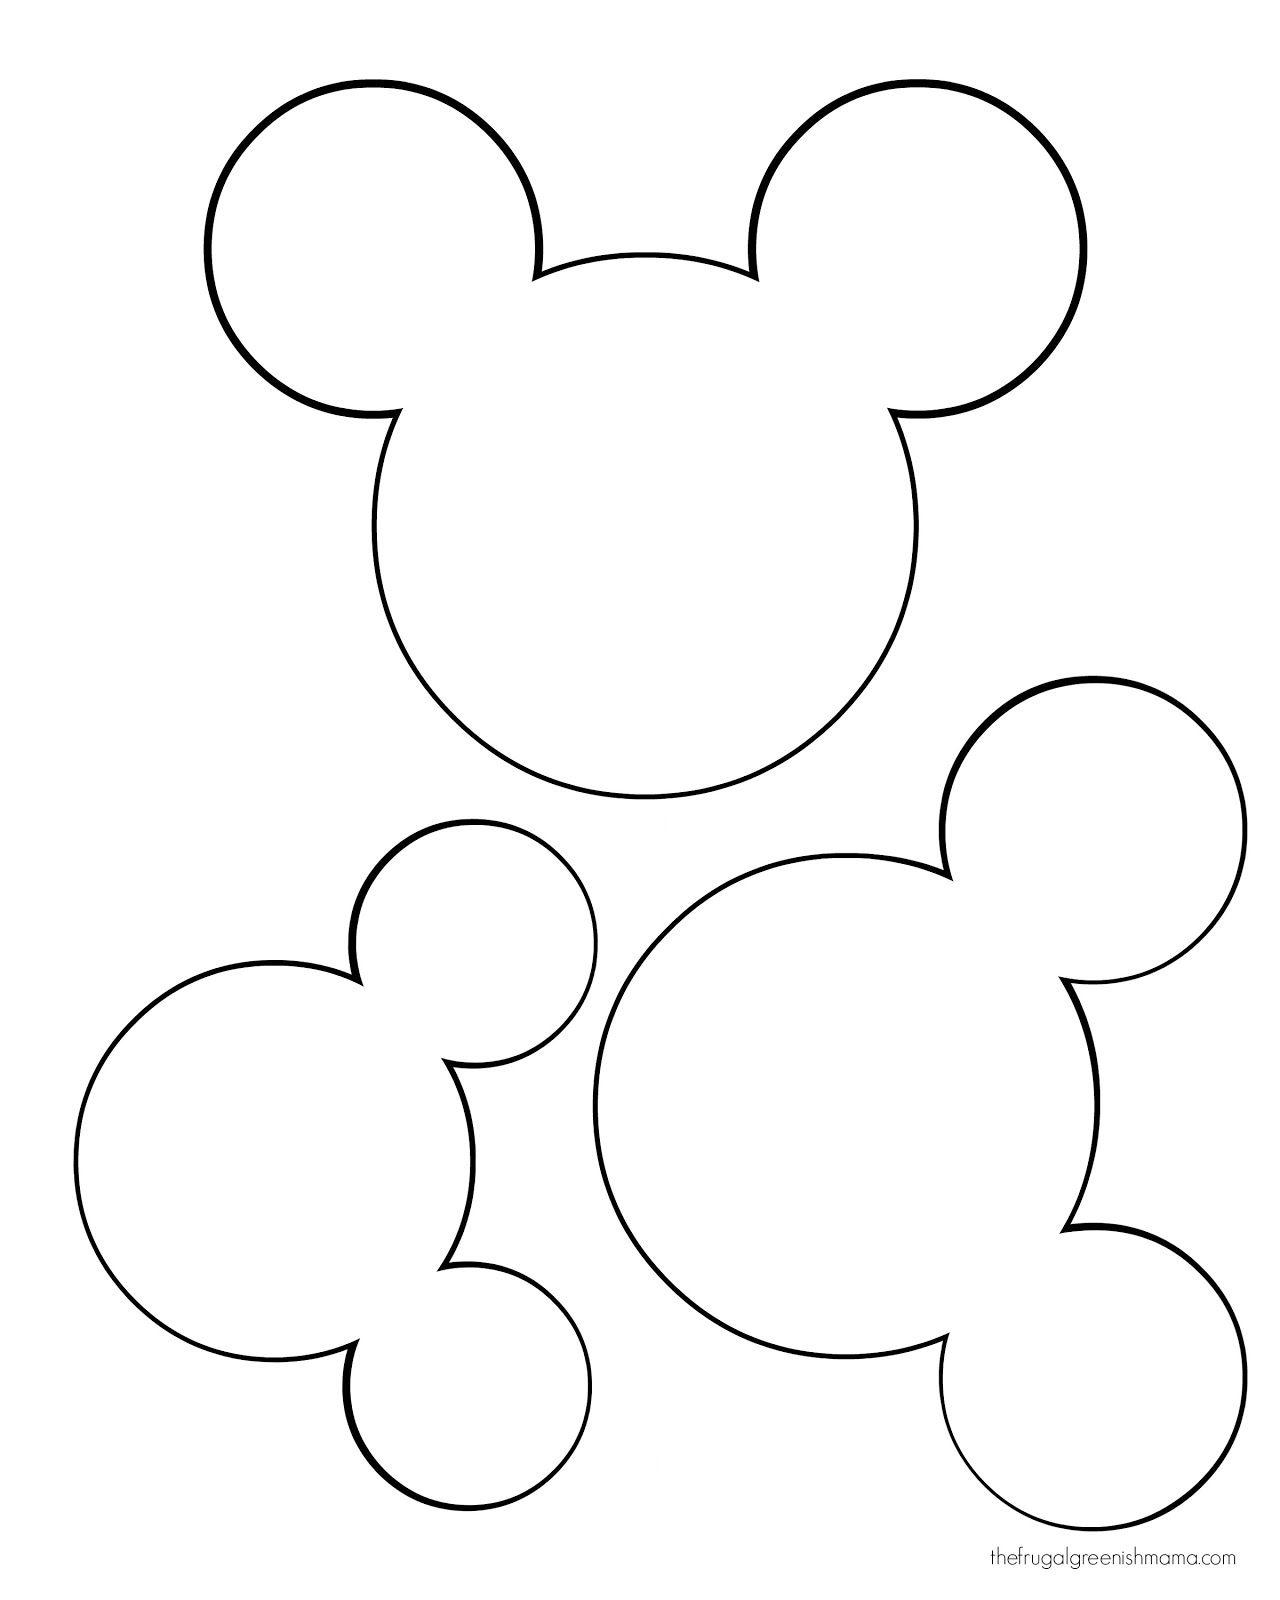 Pin von Mary Stryd auf Disney | Pinterest | Geburtstagsfeier ...